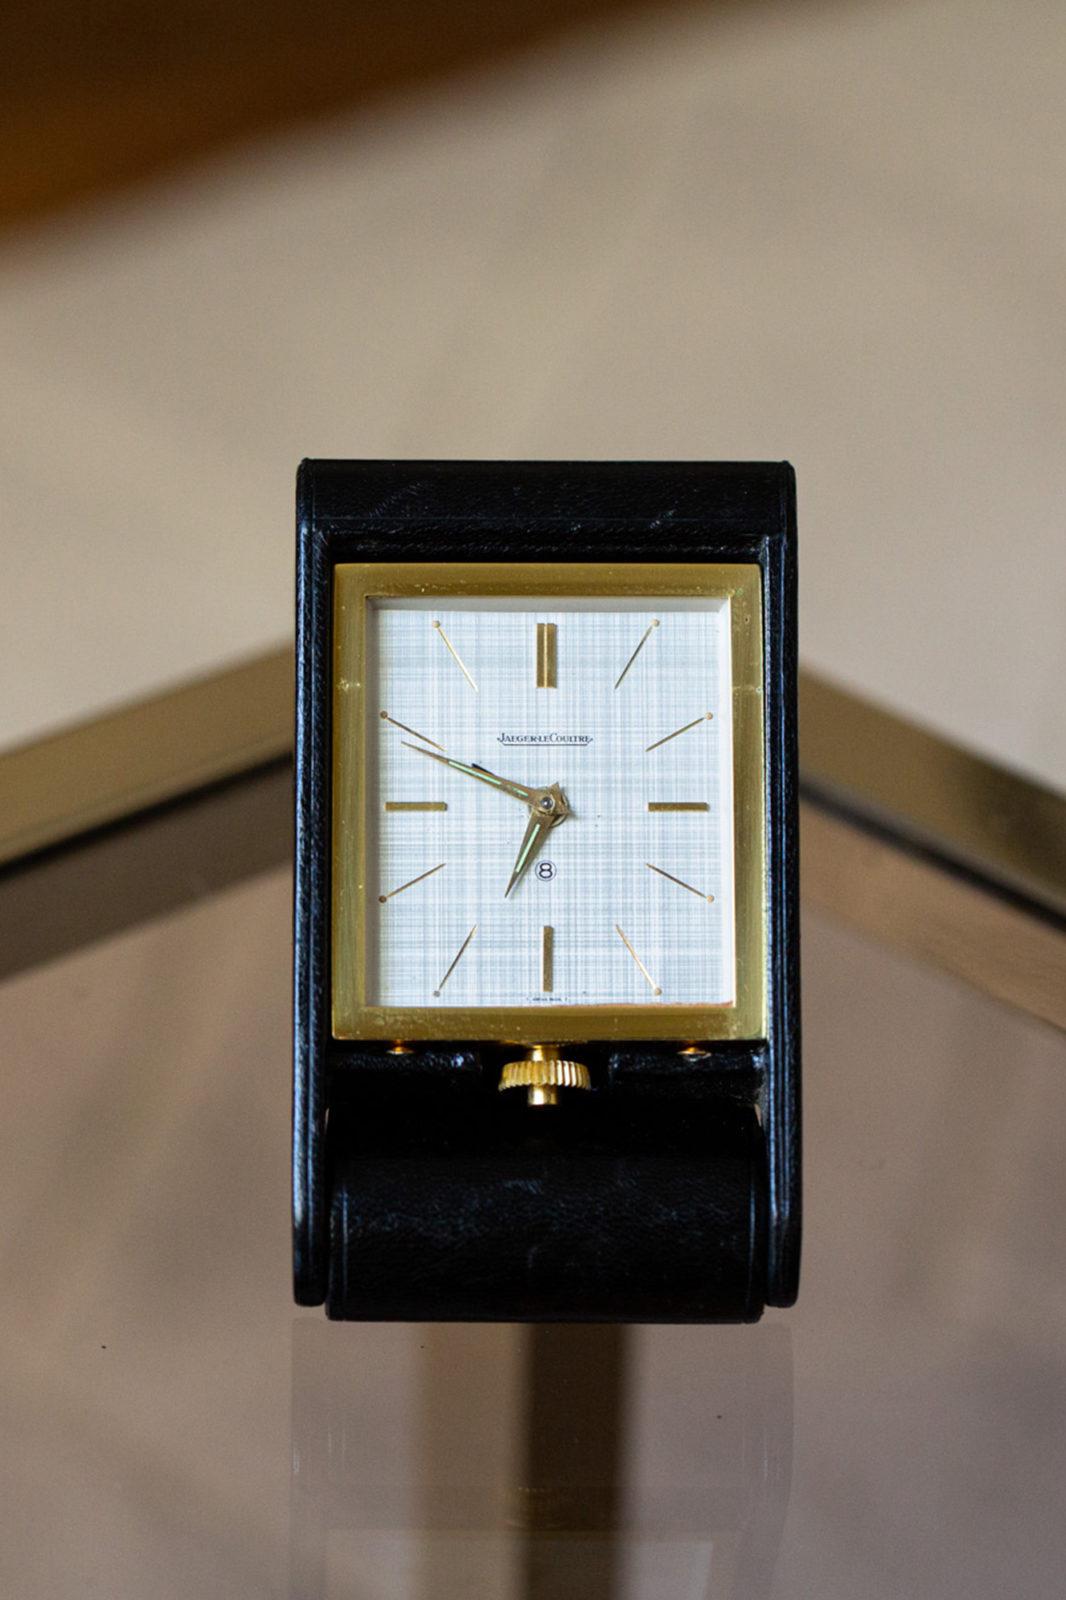 Jaeger-Lecoultre ADOS montre de table - Sélection de montres vintage Joseph Bonnie